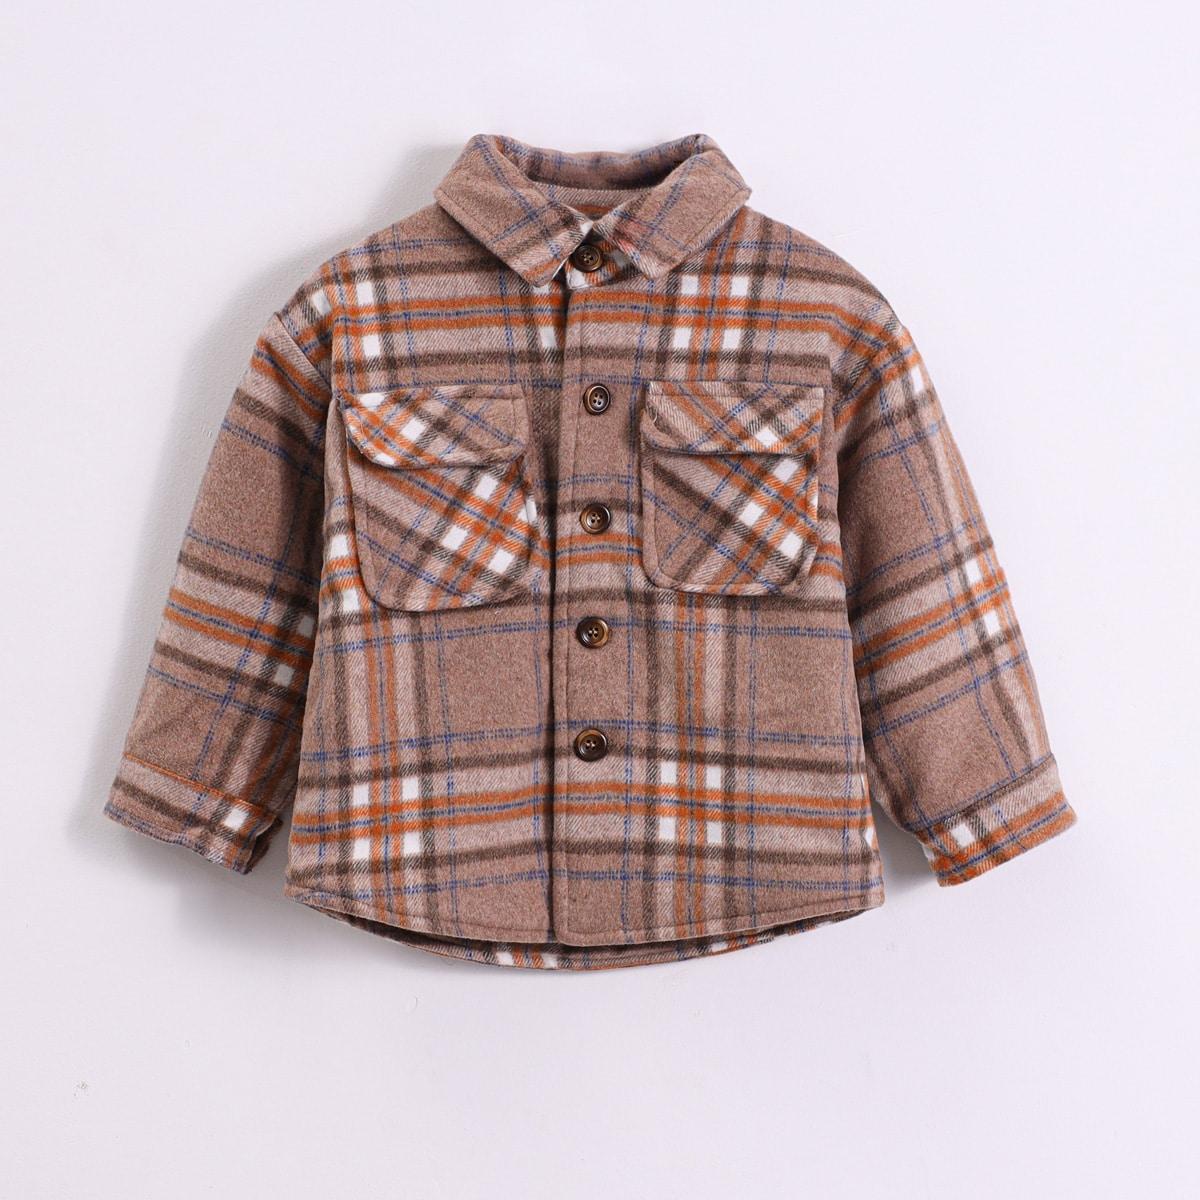 С карманами клетчатый повседневный пальто для маленьких мальчиков